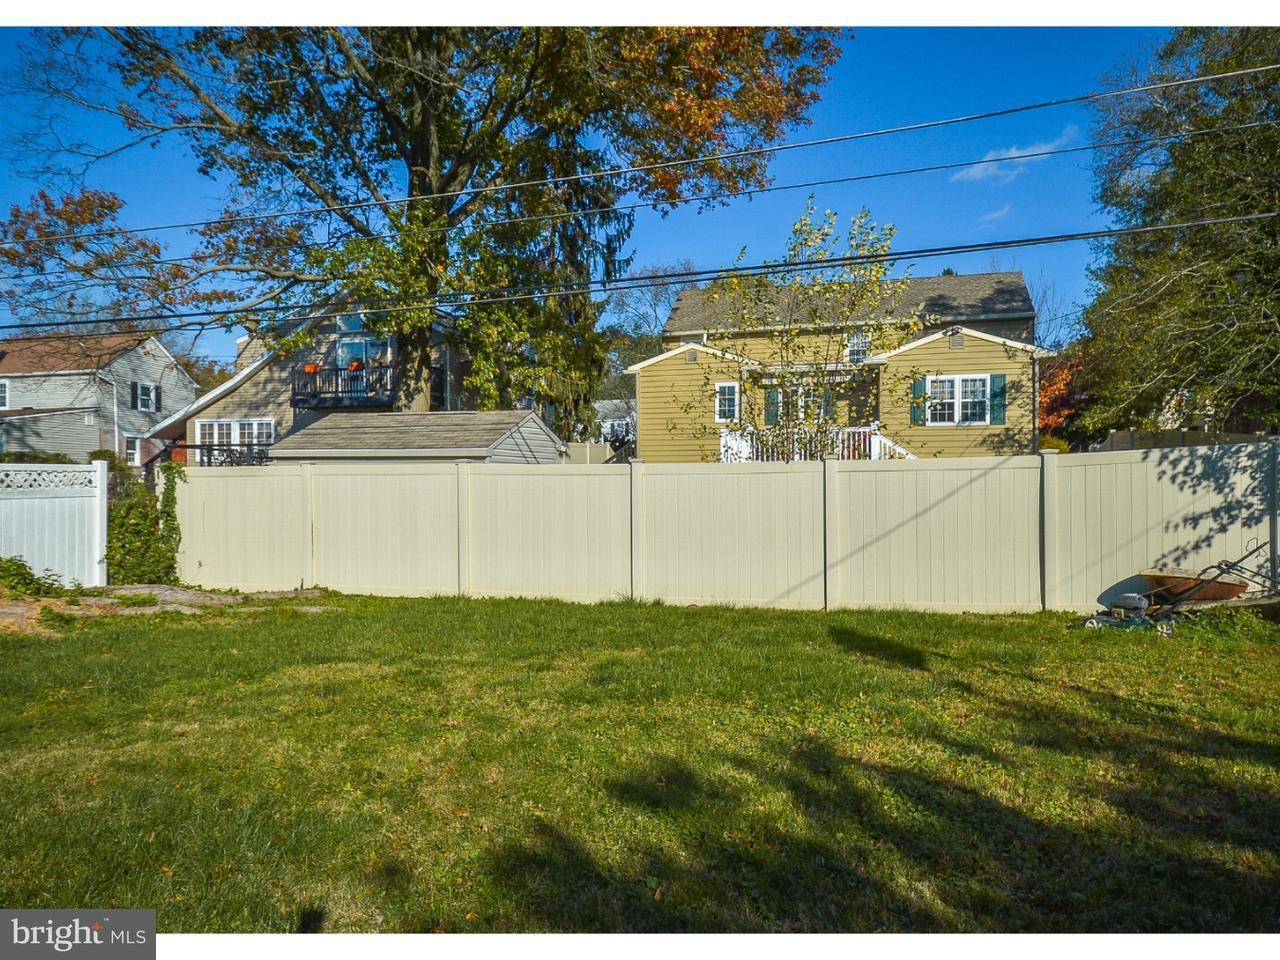 Частный односемейный дом для того Продажа на 518 ORELAND MILL Road Oreland, Пенсильвания 19075 Соединенные Штаты